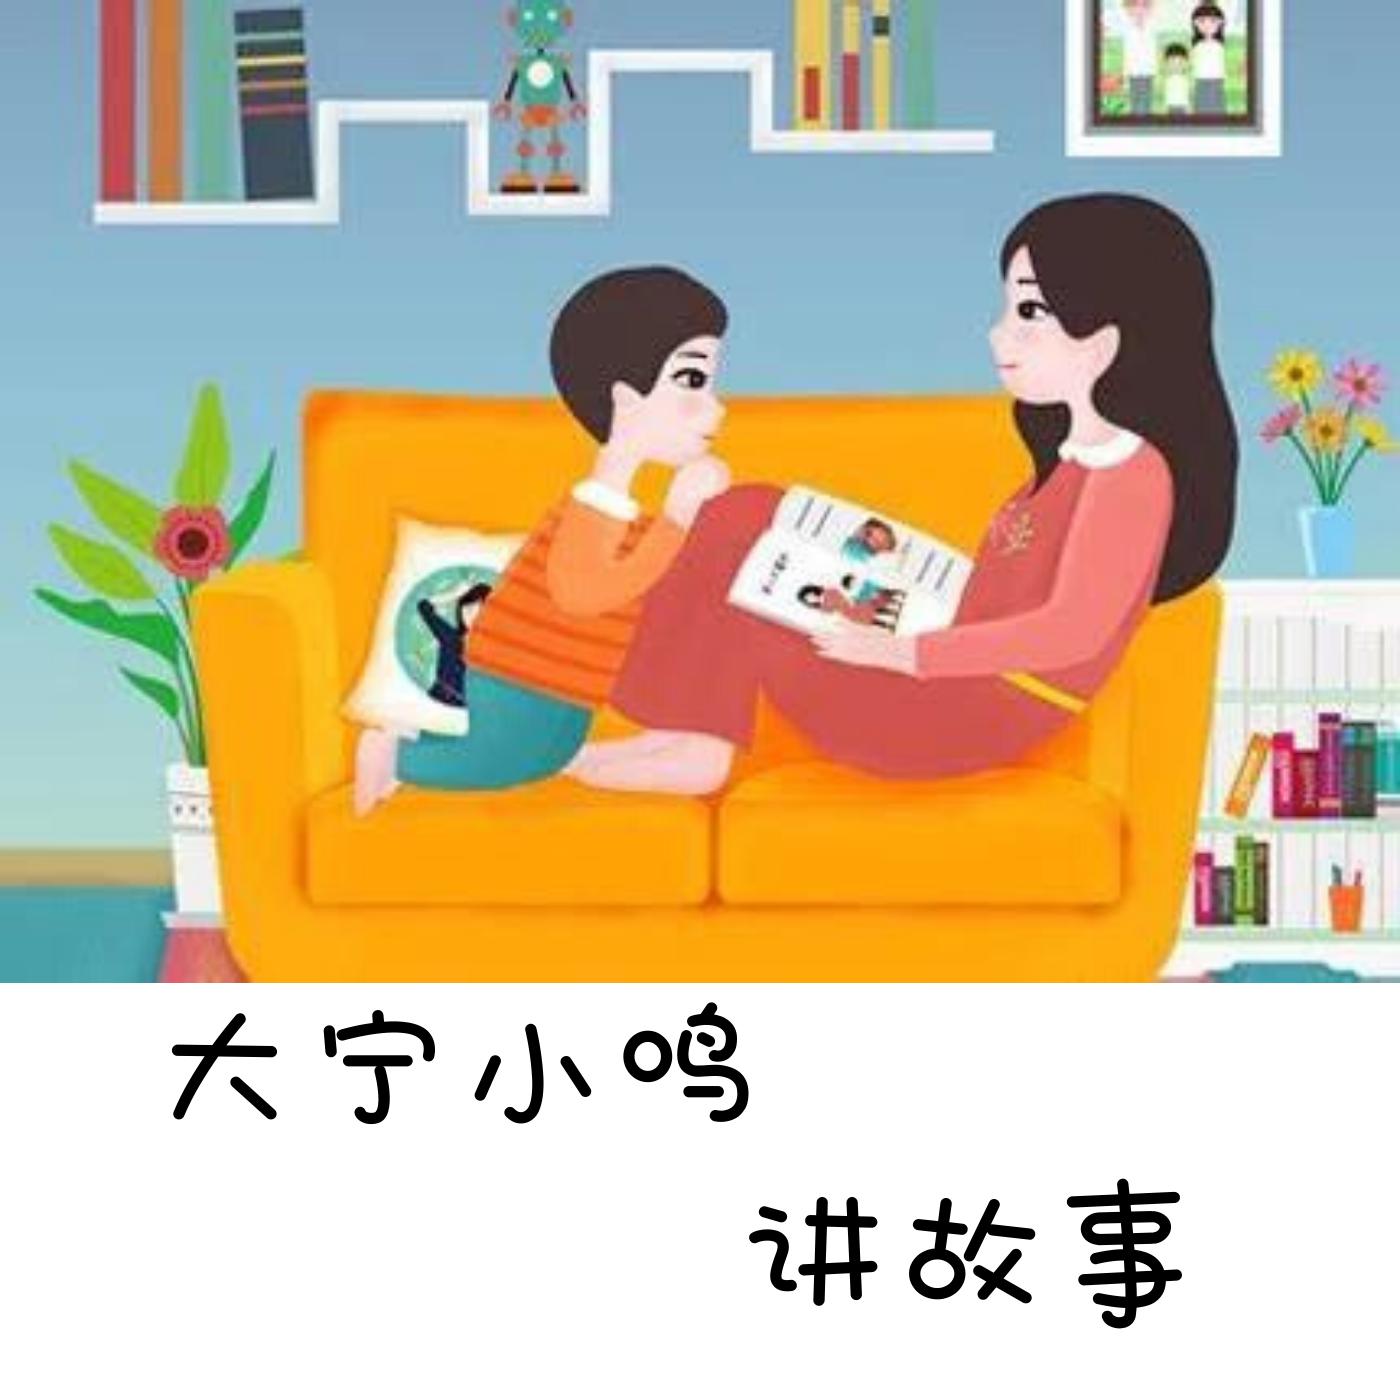 大宁小鸣讲故事